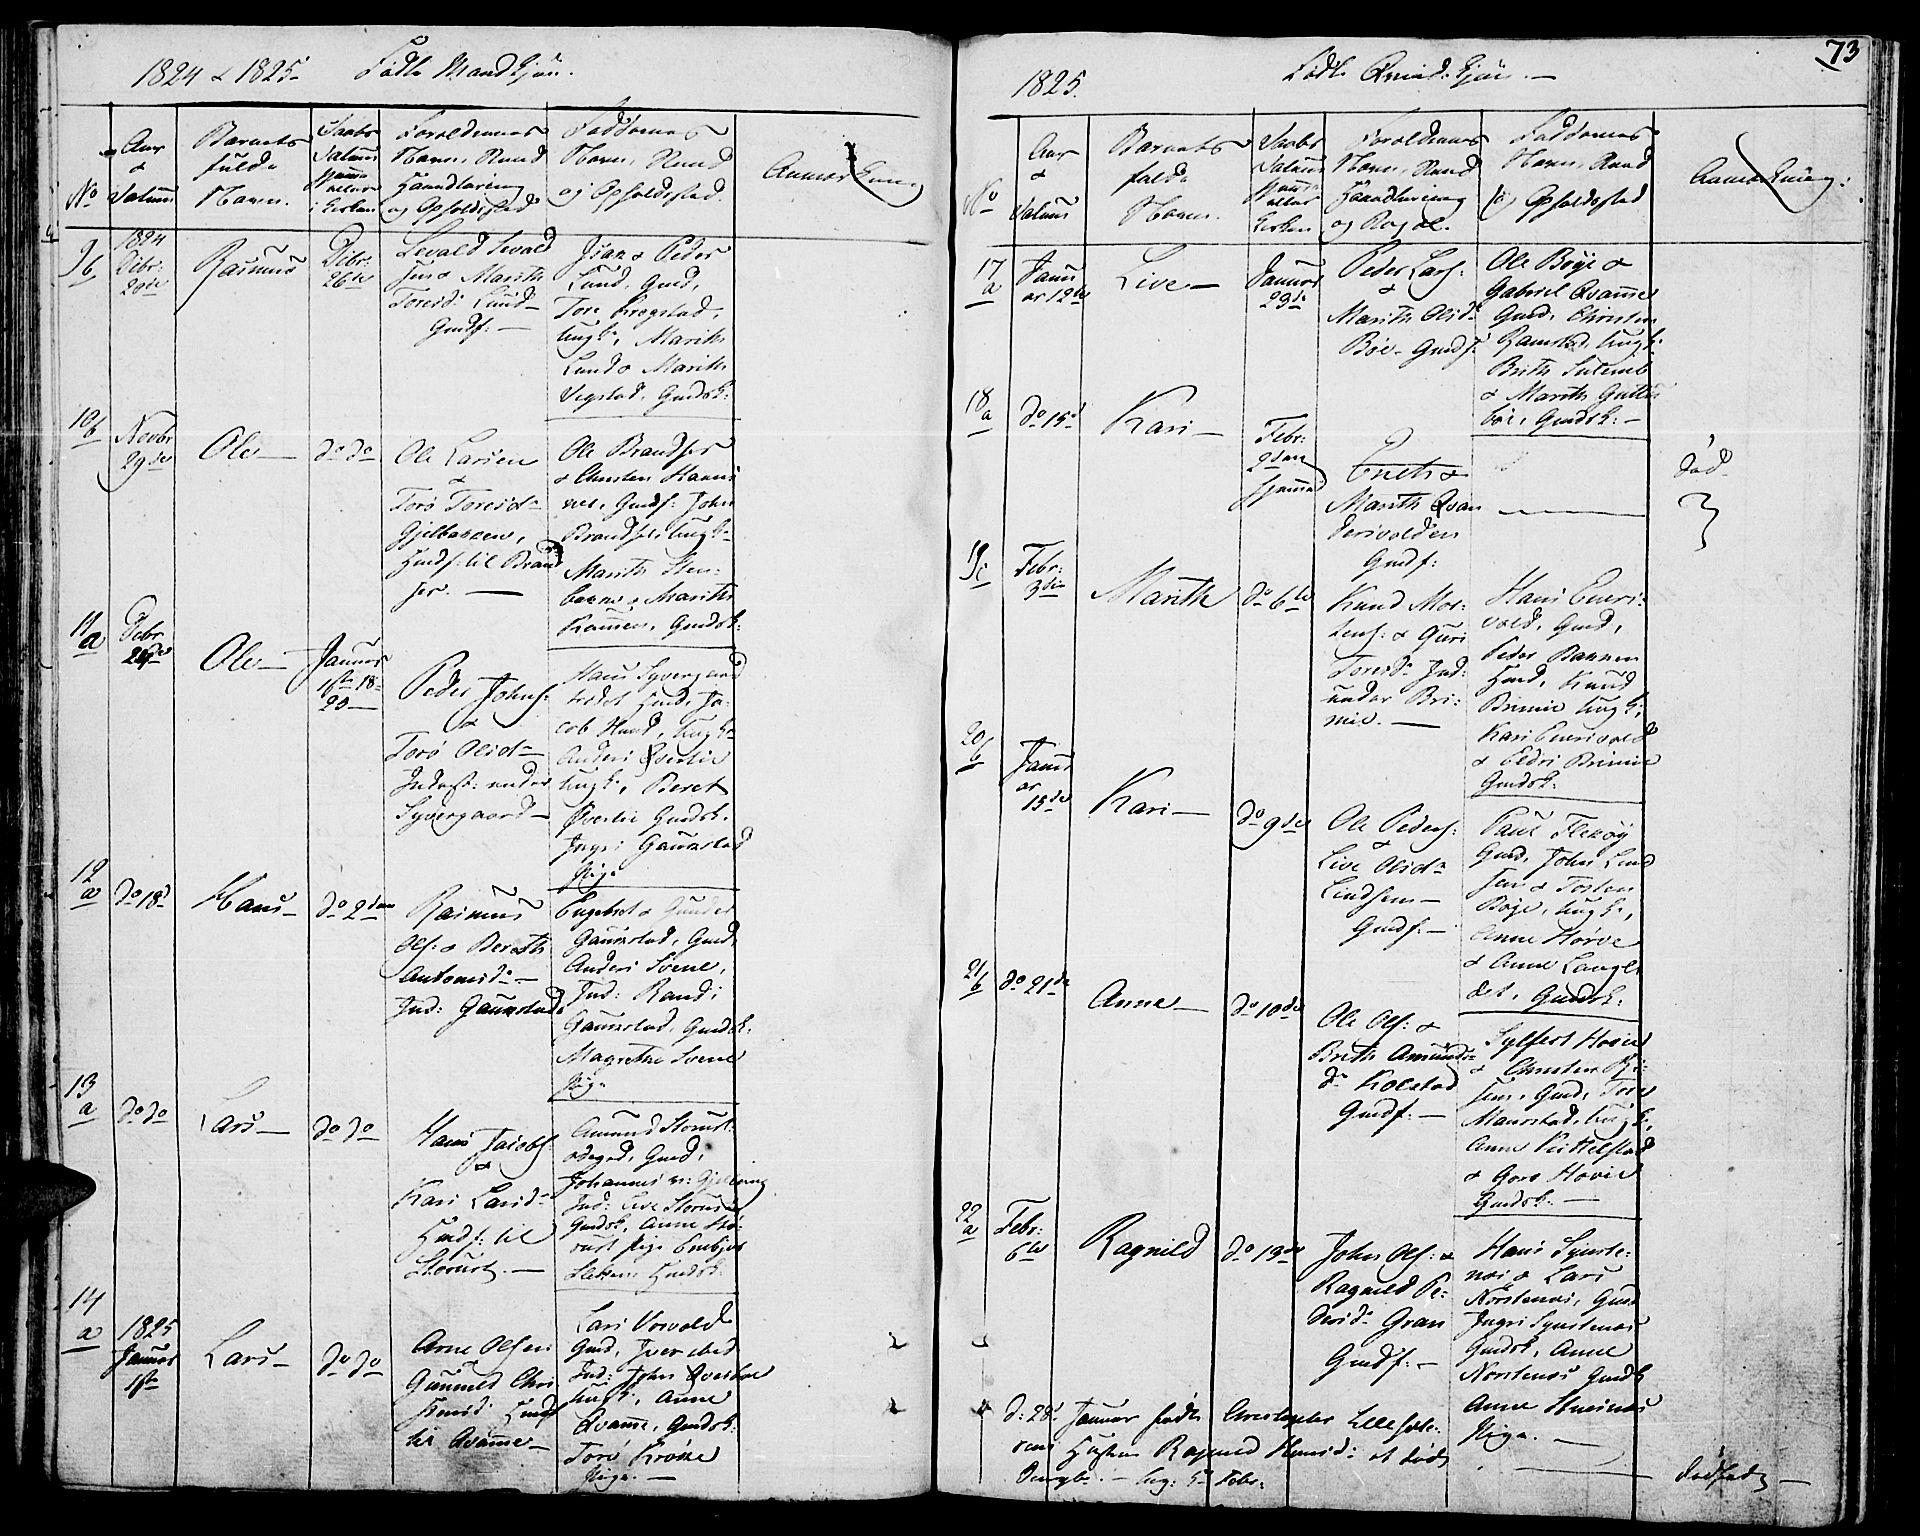 SAH, Lom prestekontor, K/L0003: Ministerialbok nr. 3, 1801-1825, s. 73